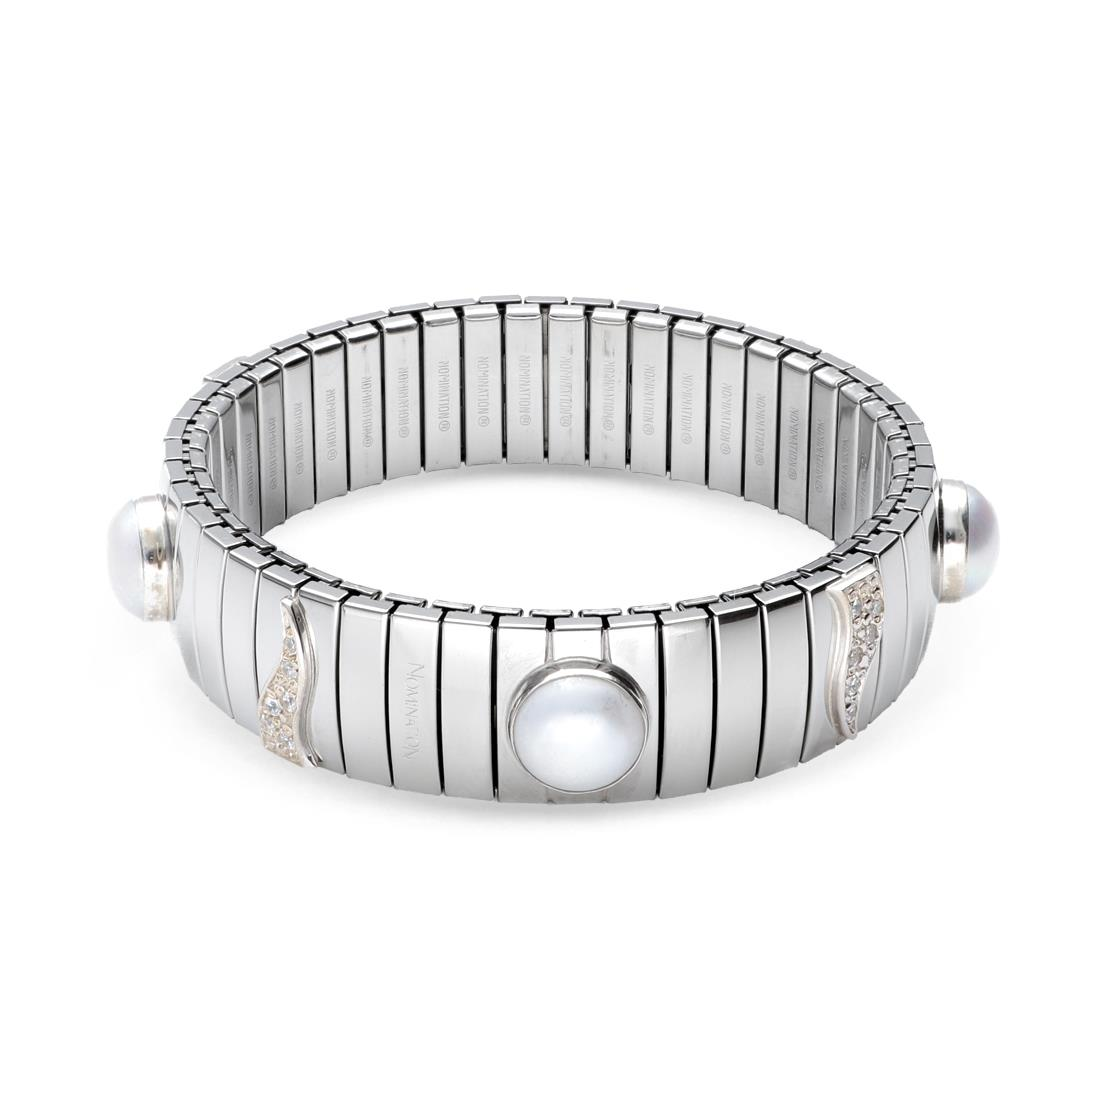 Bracciali con zirconi e perla - NOMINATION